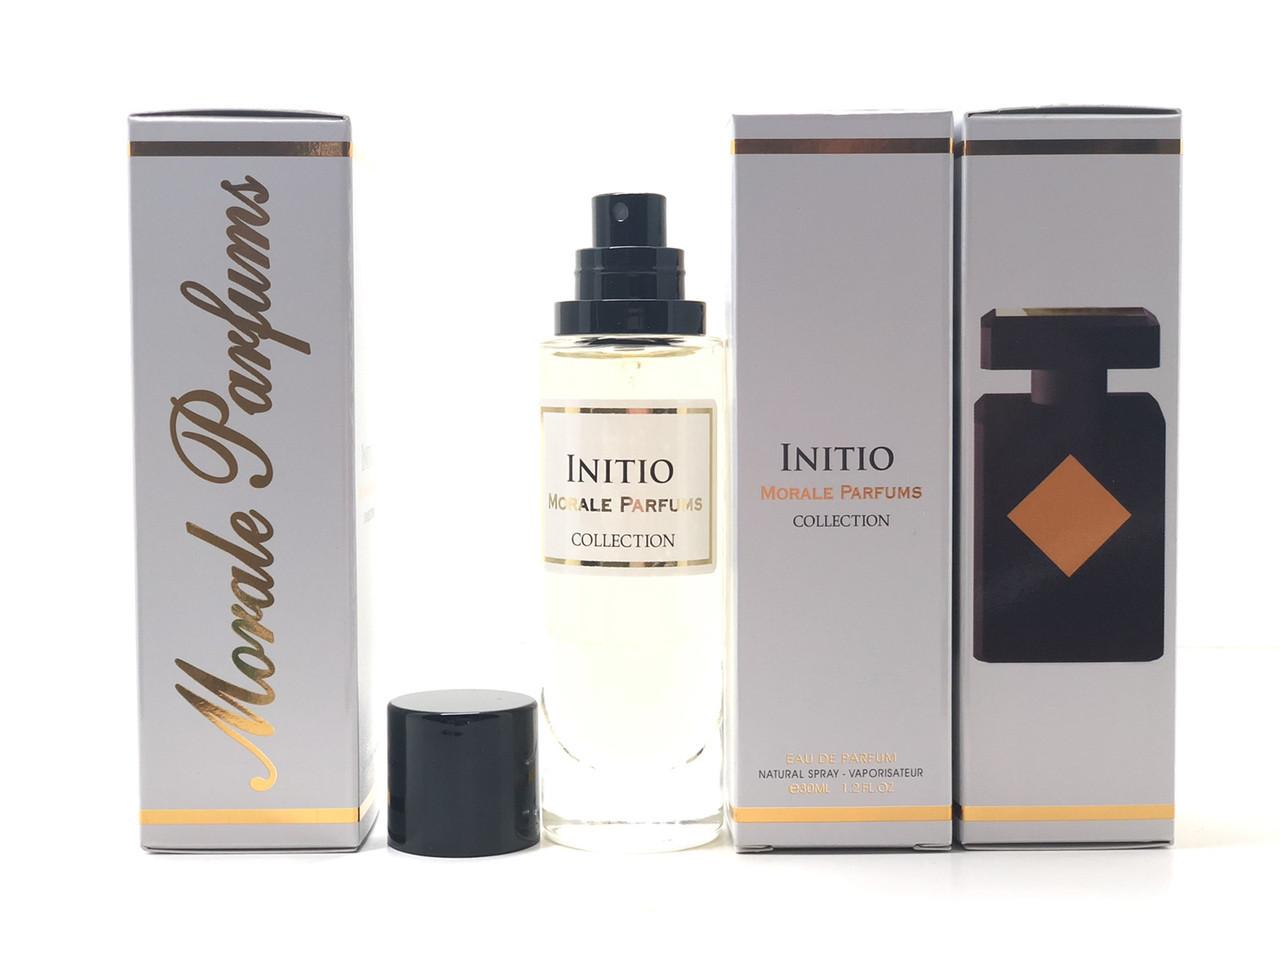 Аромат унисекс Initio Morale Parfums (Инитио Морал Парфюм) 30 мл